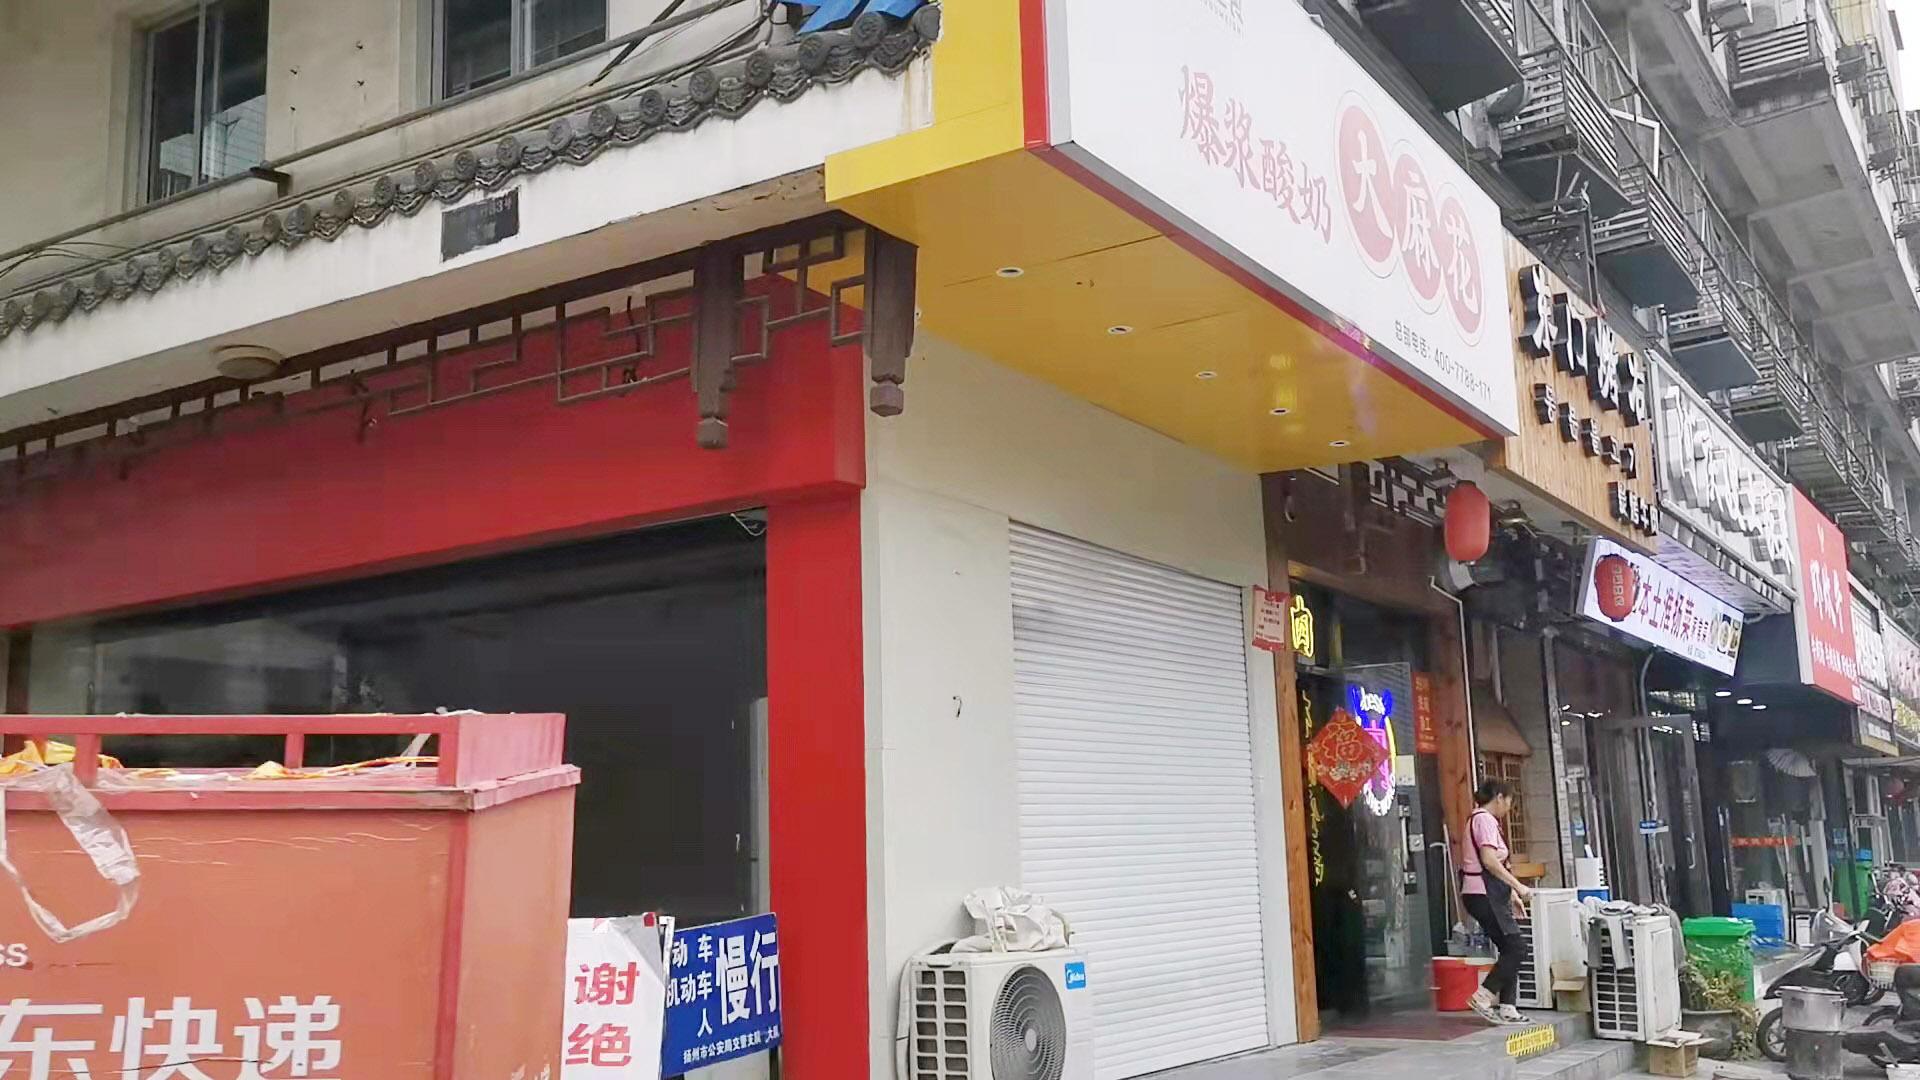 烤肉店还没开 为啥被附近居民反对?